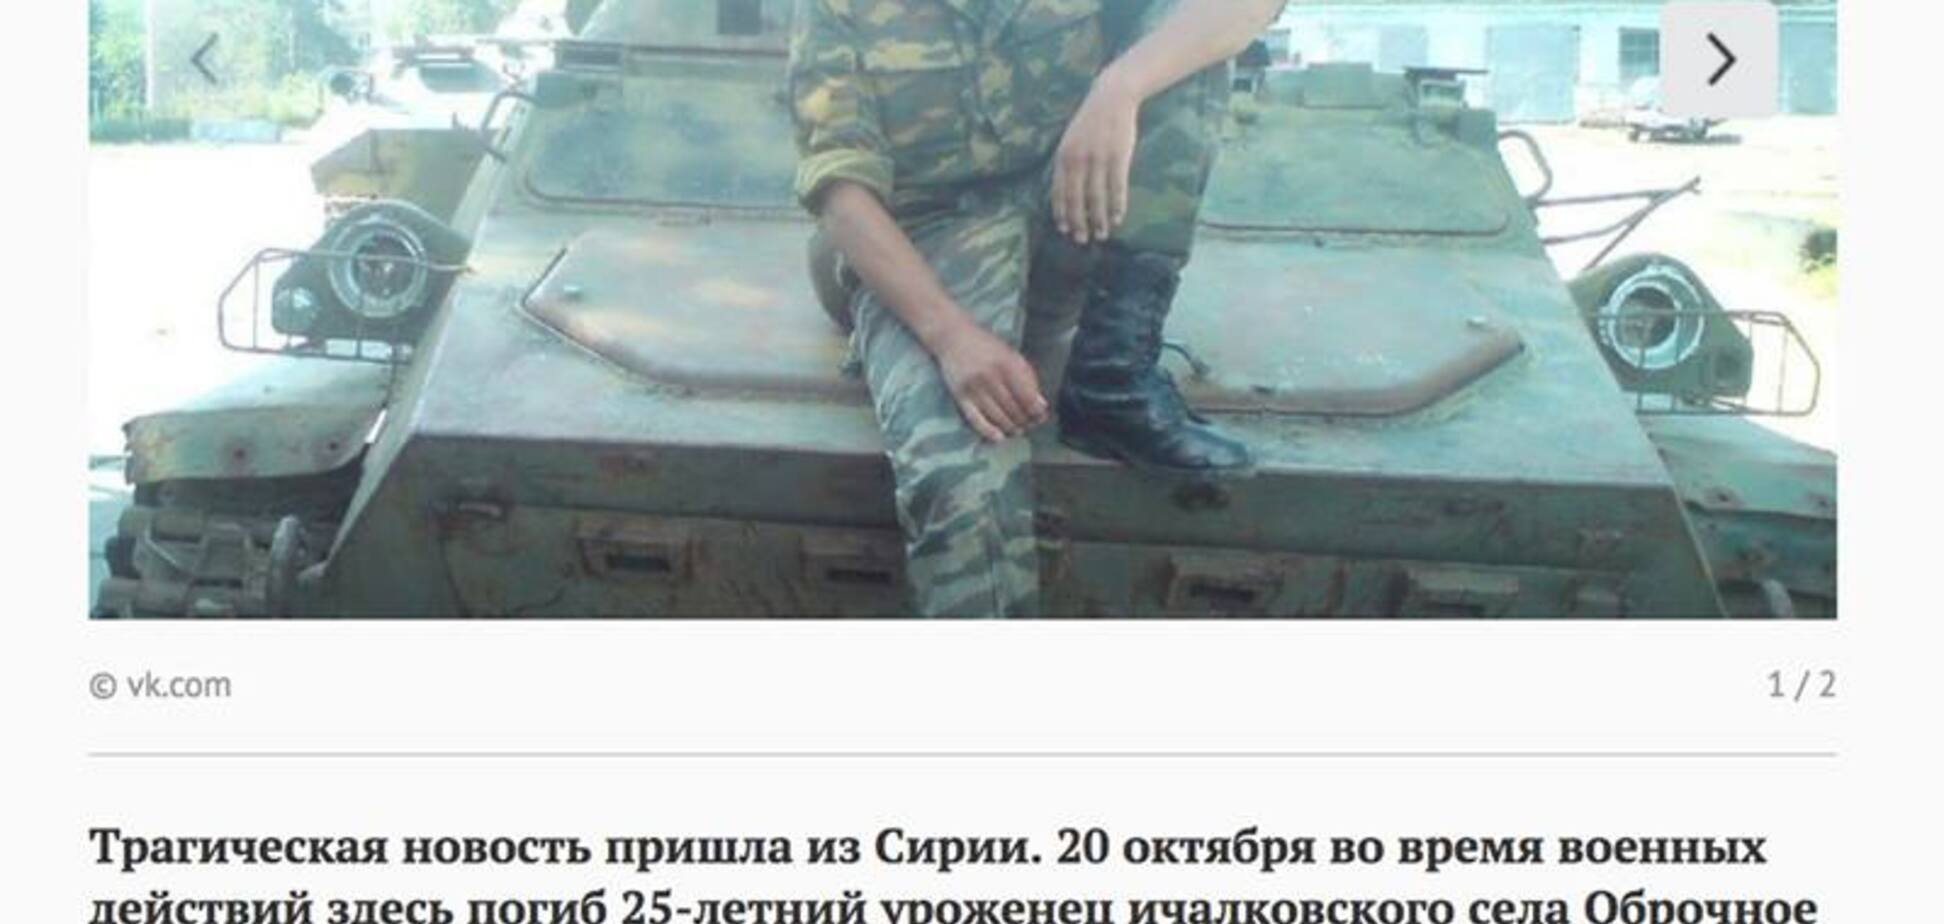 'Отличился' на Донбассе и в Крыму: в Сирии убили наемника ЧВК 'Вагнера'